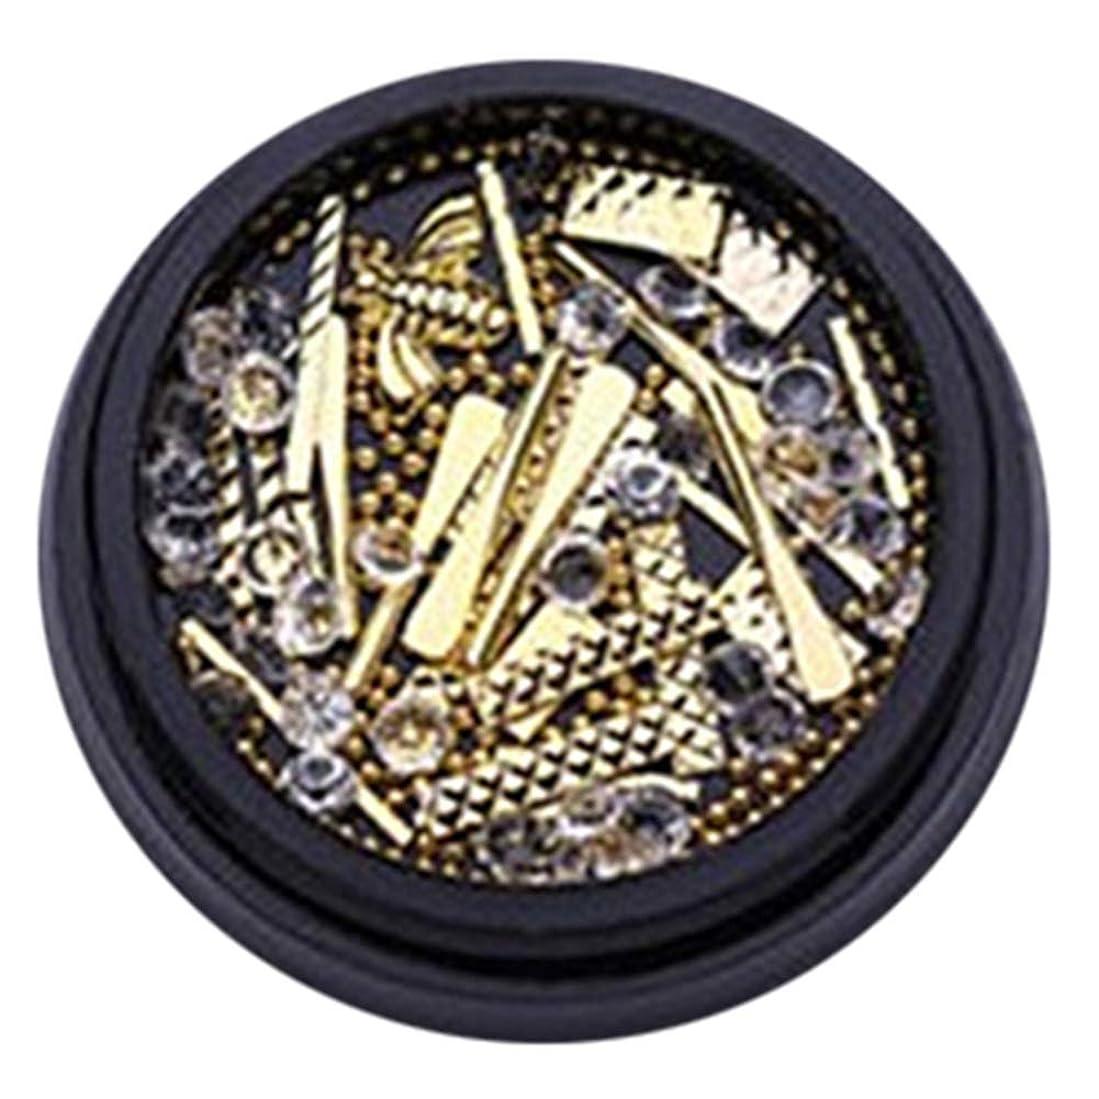 織機依存する領域hamulekfae-和風可愛い人気ブラクケア金属バー長方形リベットネイルアート宝石ラインストーンデコレーションホイールDIYのヒント - ゴールデンGolden